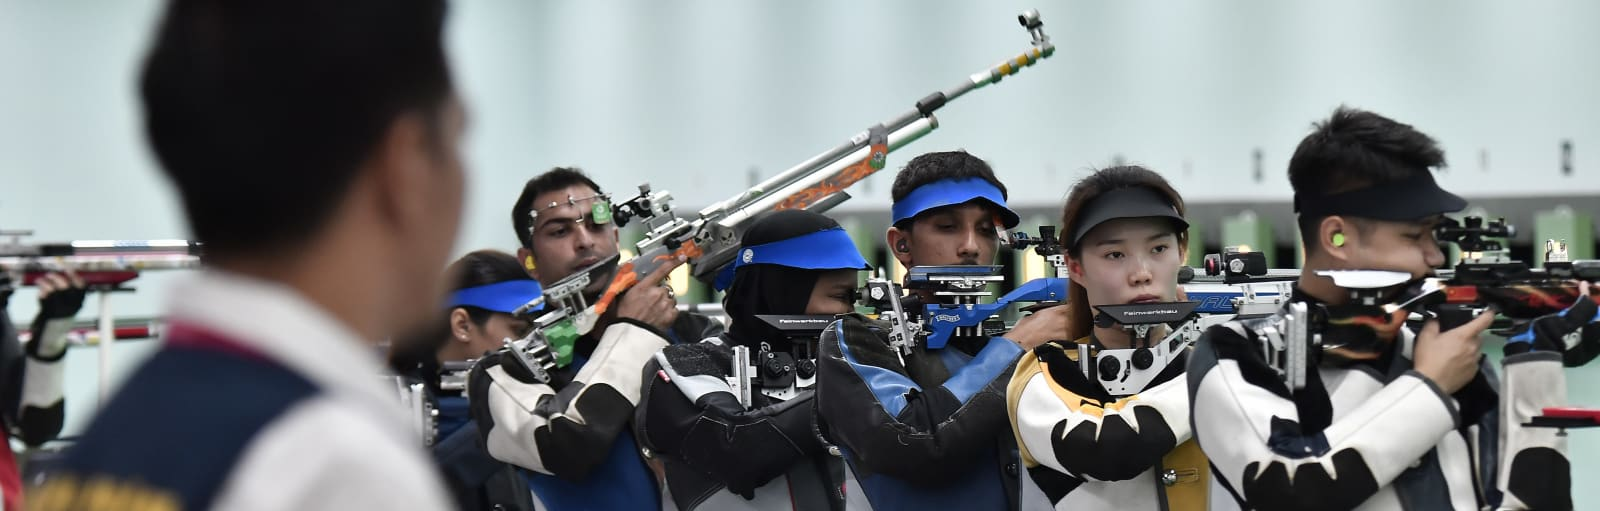 本次亚洲运动会中的夺牌状况及排行榜,一起为中华队加油!